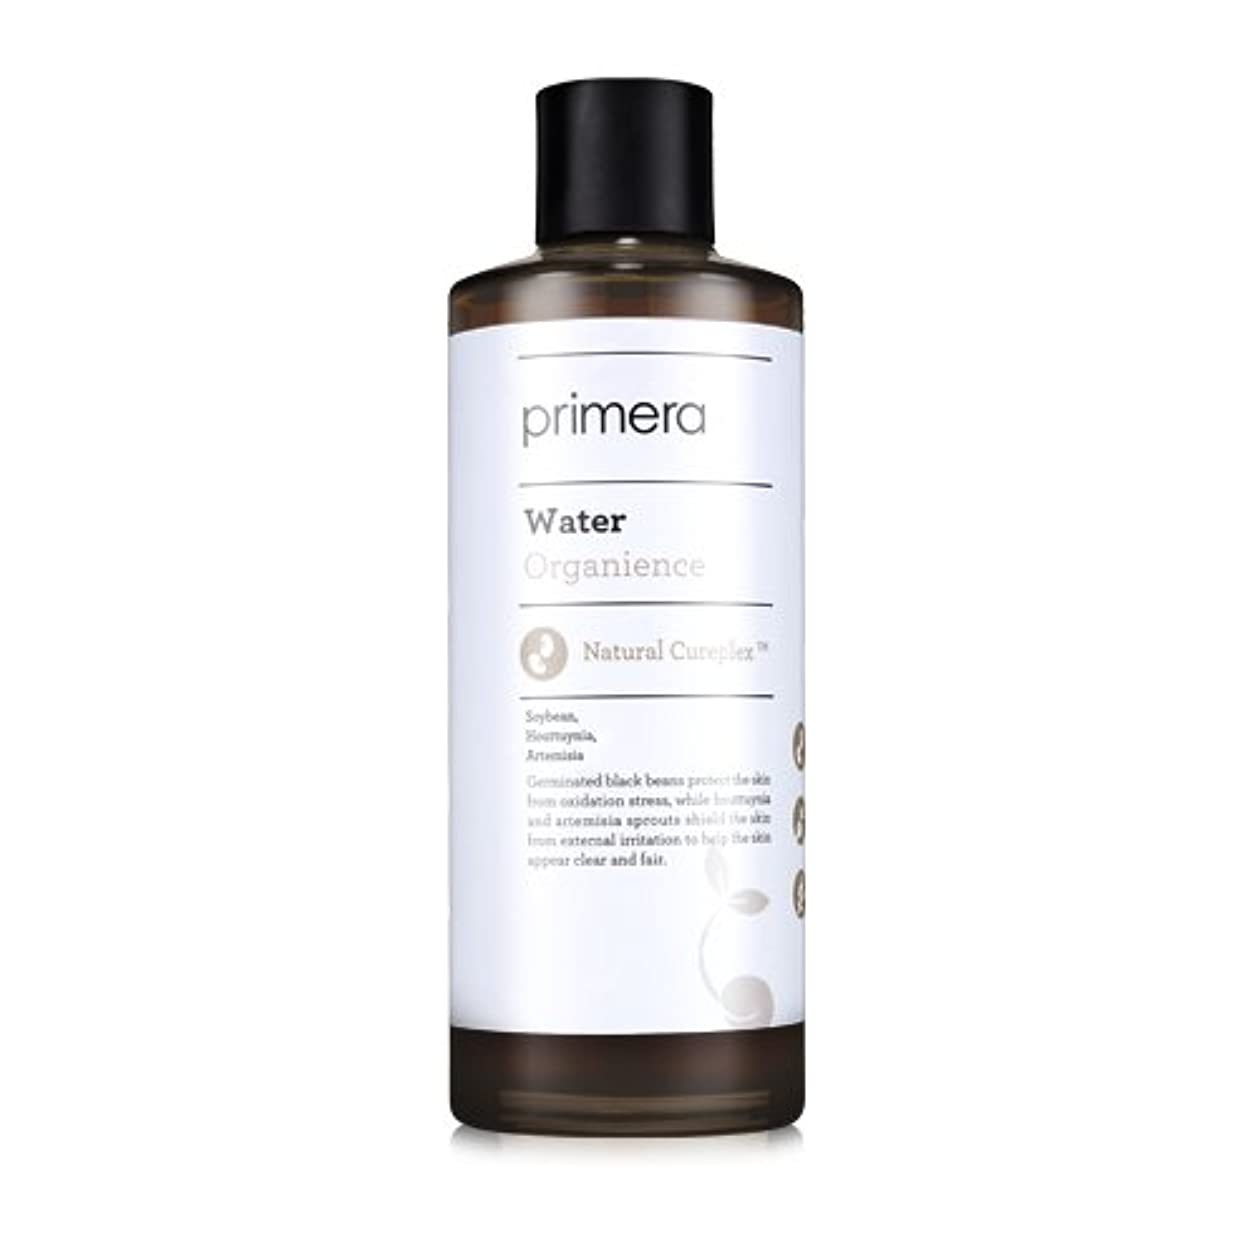 予見する濃度重要PRIMERA プリメラ オーガニエンス エマルジョン(Organience Emulsion)乳液 150ml